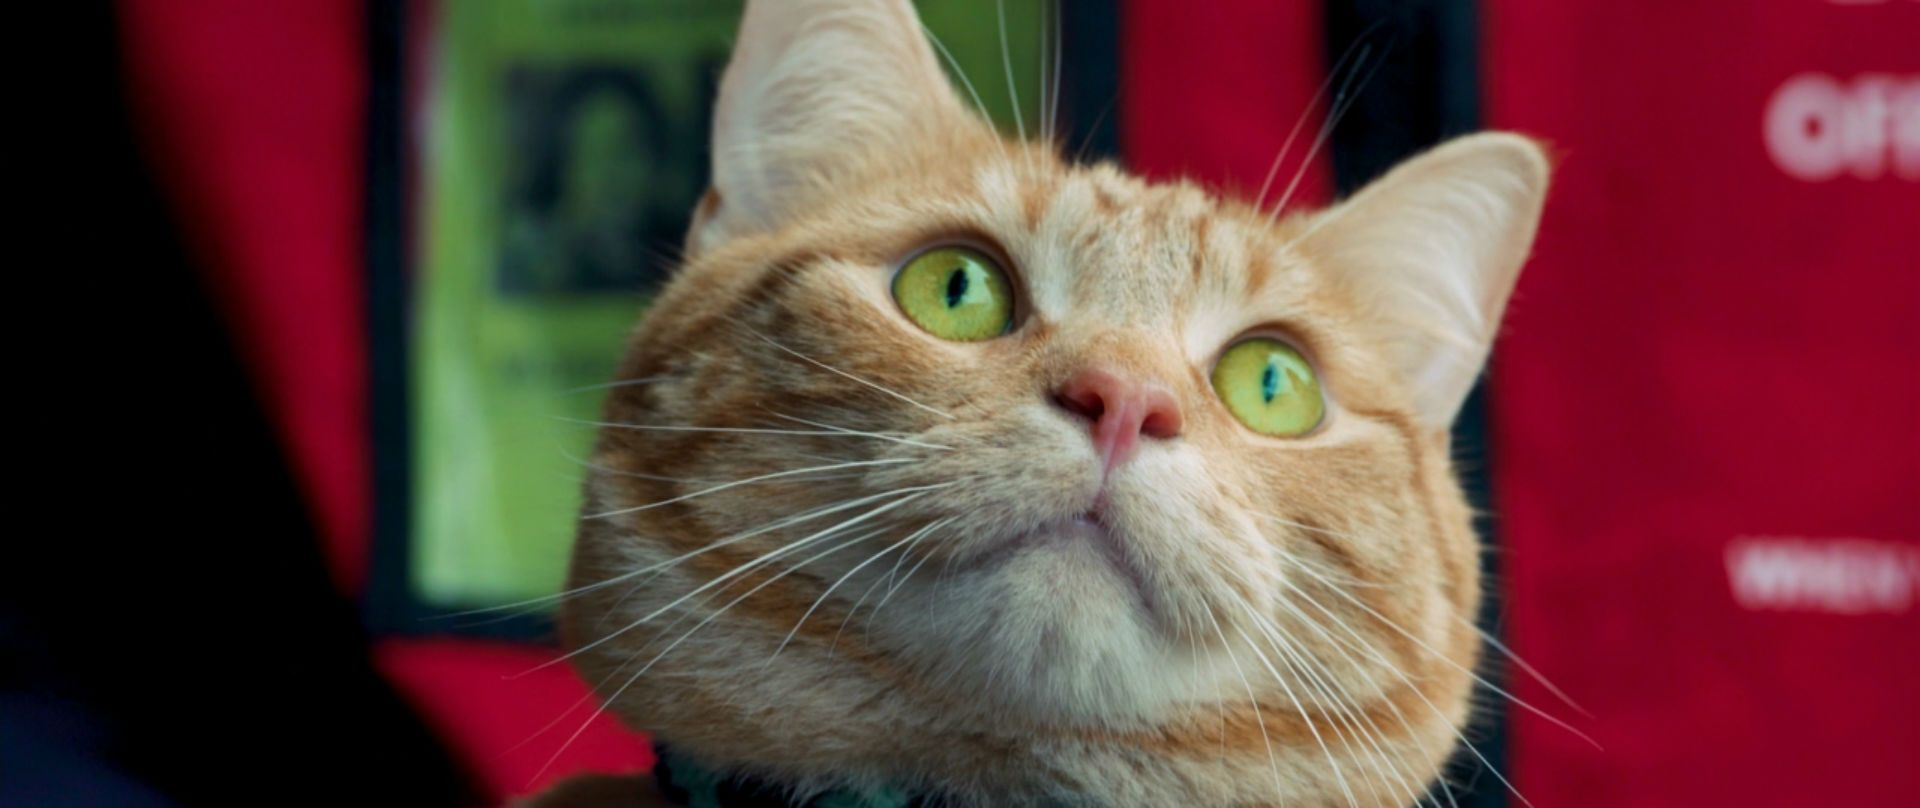 Уличный кот по кличке Боб   BDRip 1080p   Лицензия